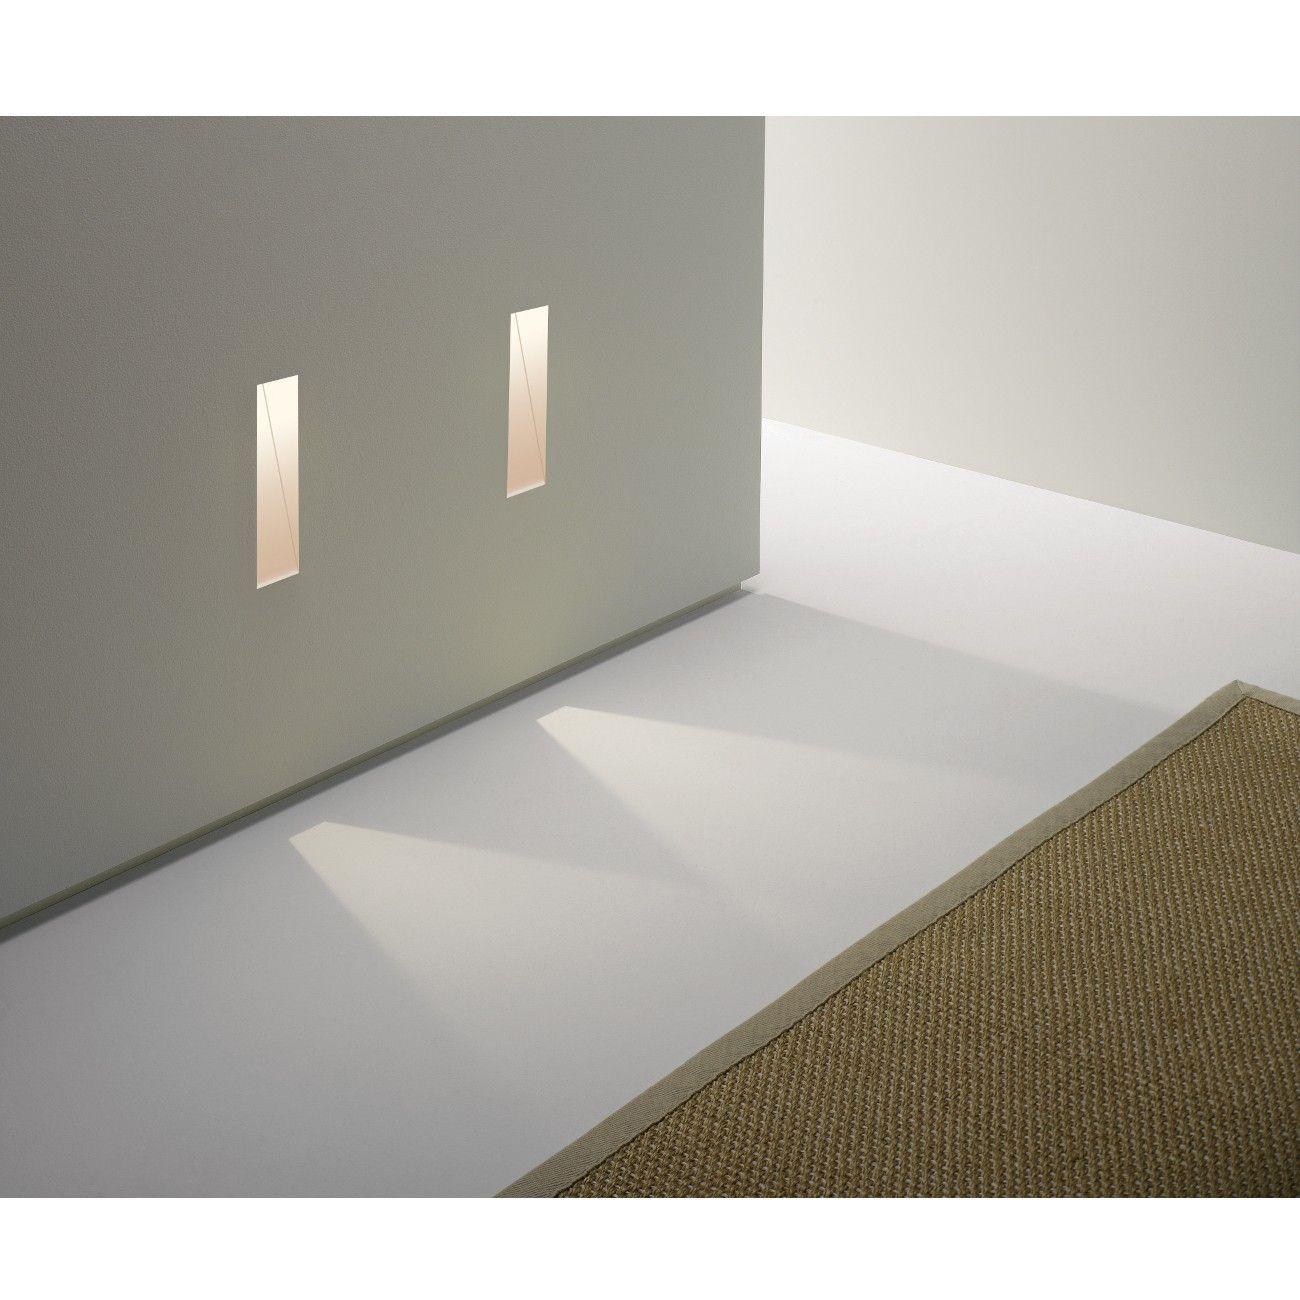 Fancy Diese LED Wandeinbauleuchte eignet sich besonders gut f r die dezente und dekorative Ausleuchtung von Treppenstufen Fu b den oder Fluren im Innenbereich